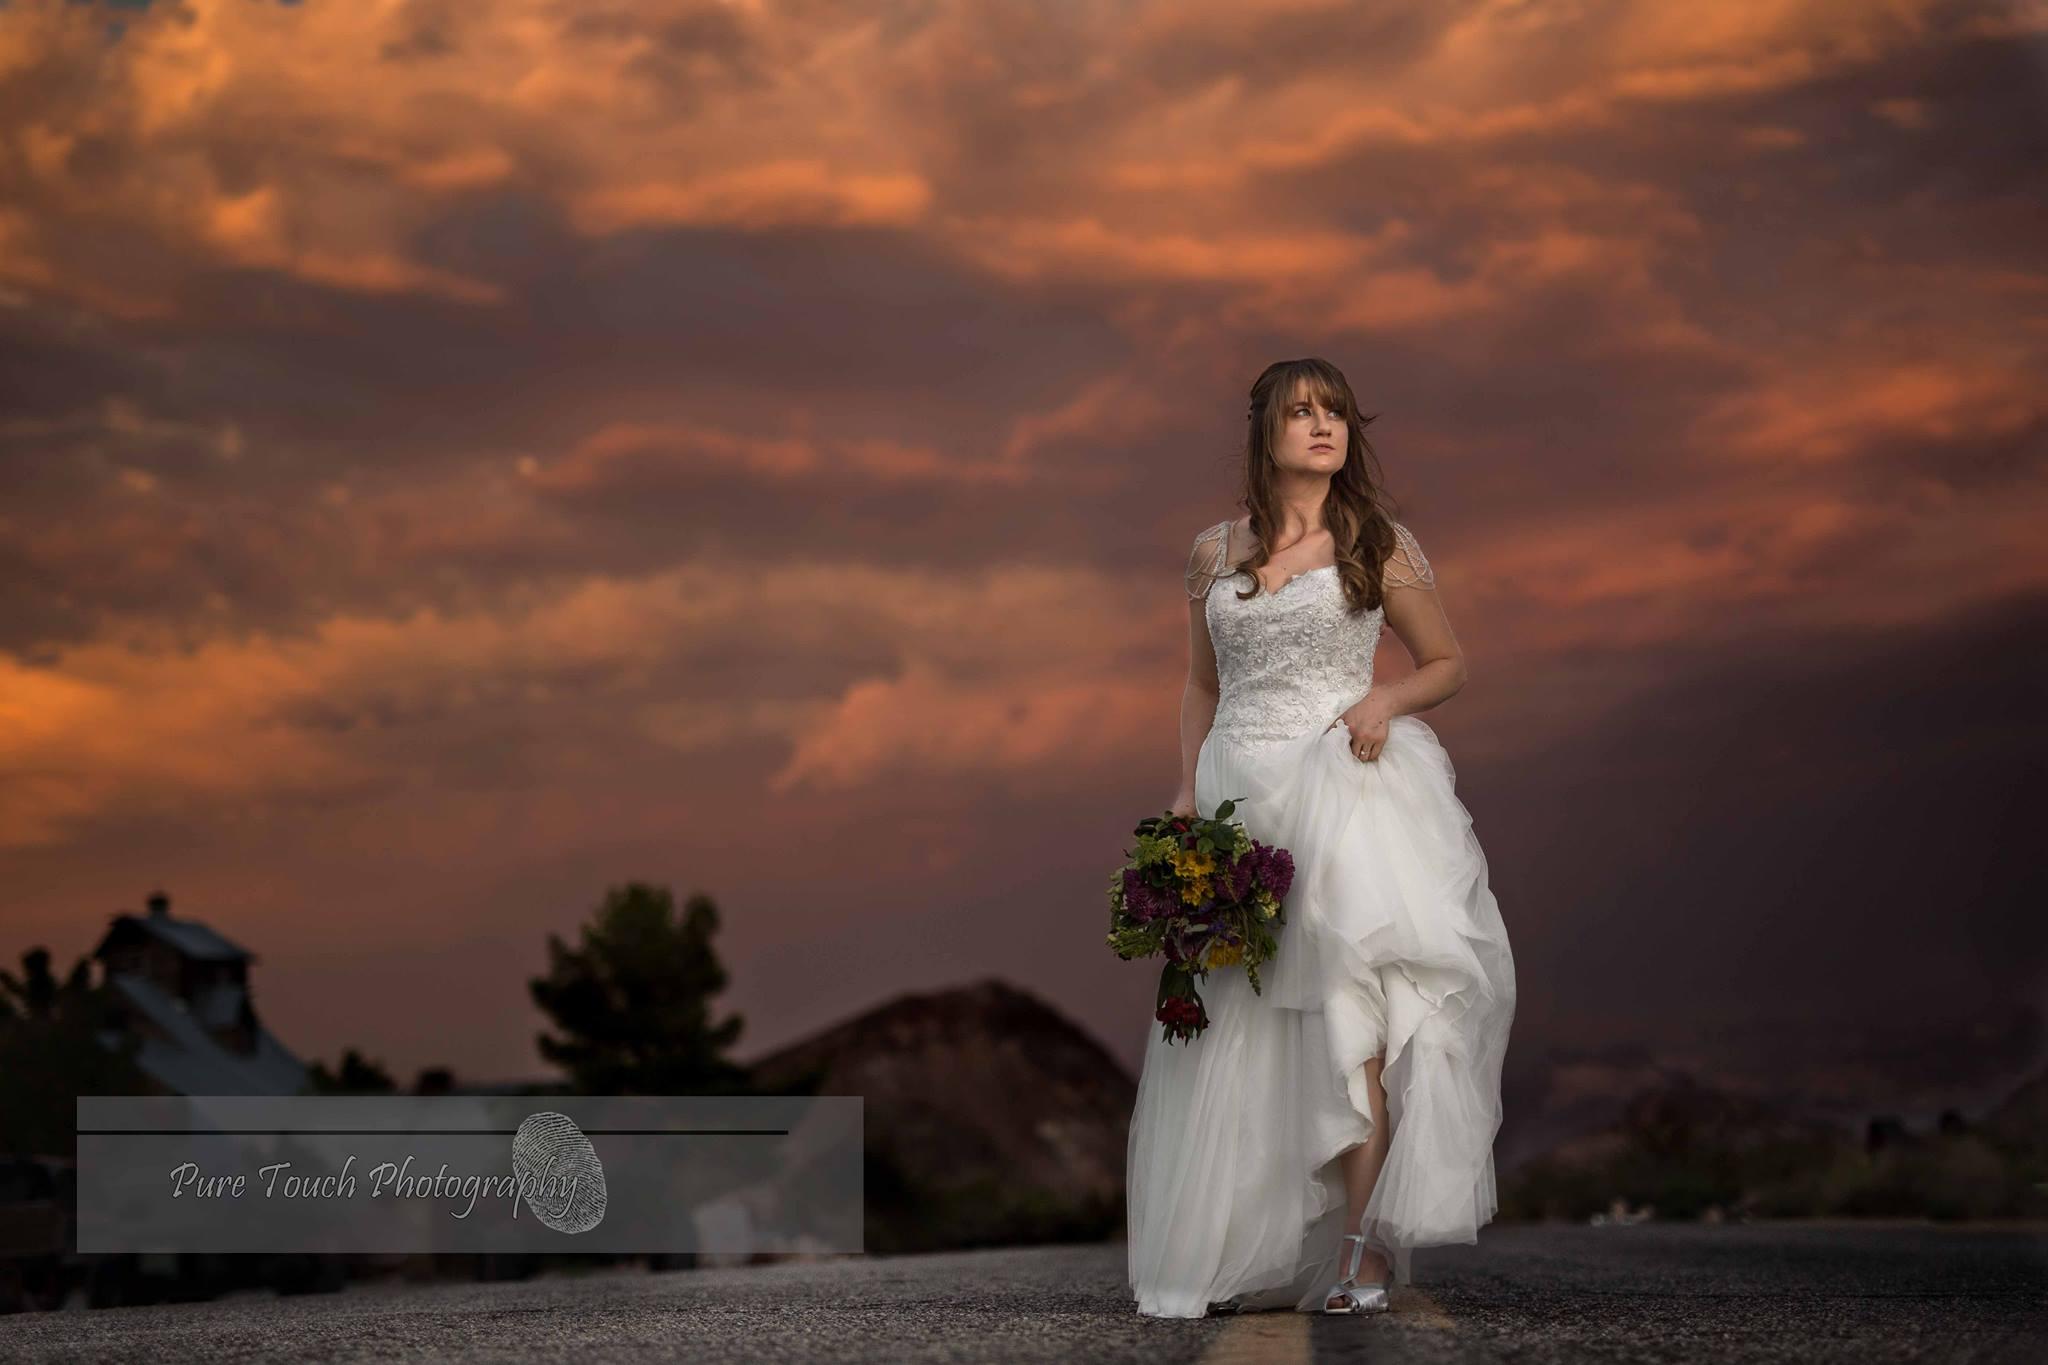 Las Vegas portrait Photography Service